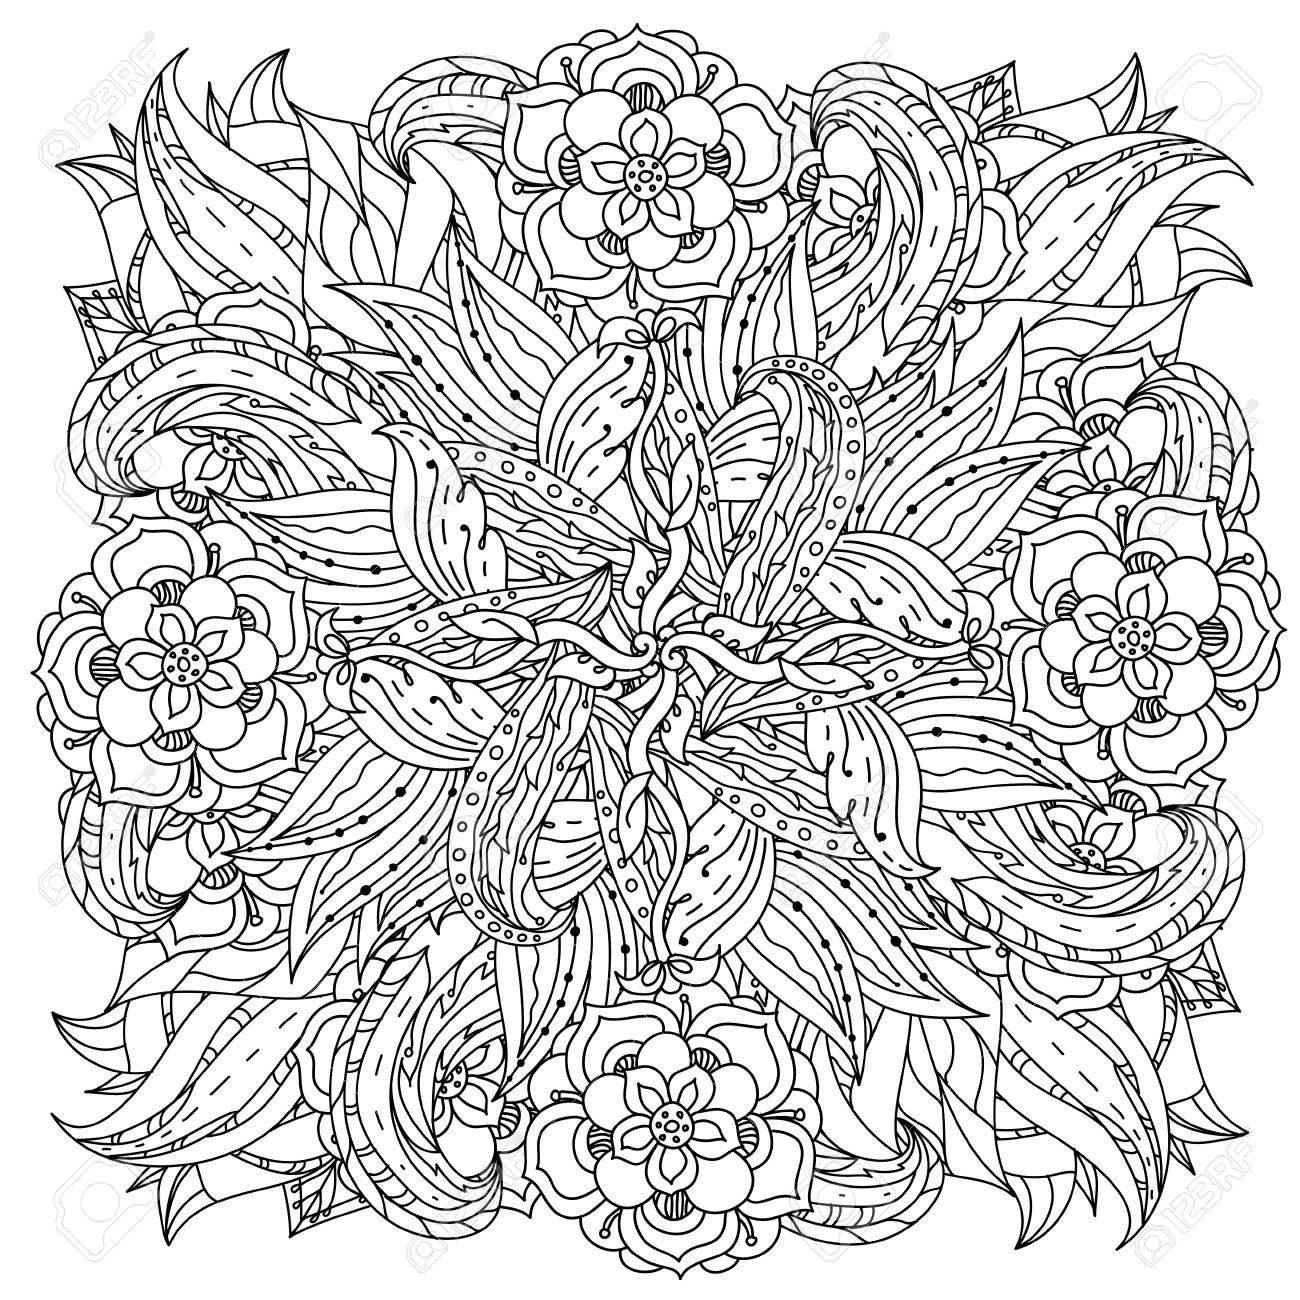 Coloriage De Mandala Pour Adulte.Fleurs De Forme De Mandala Profilees Pour Adulte Livre De Coloriage